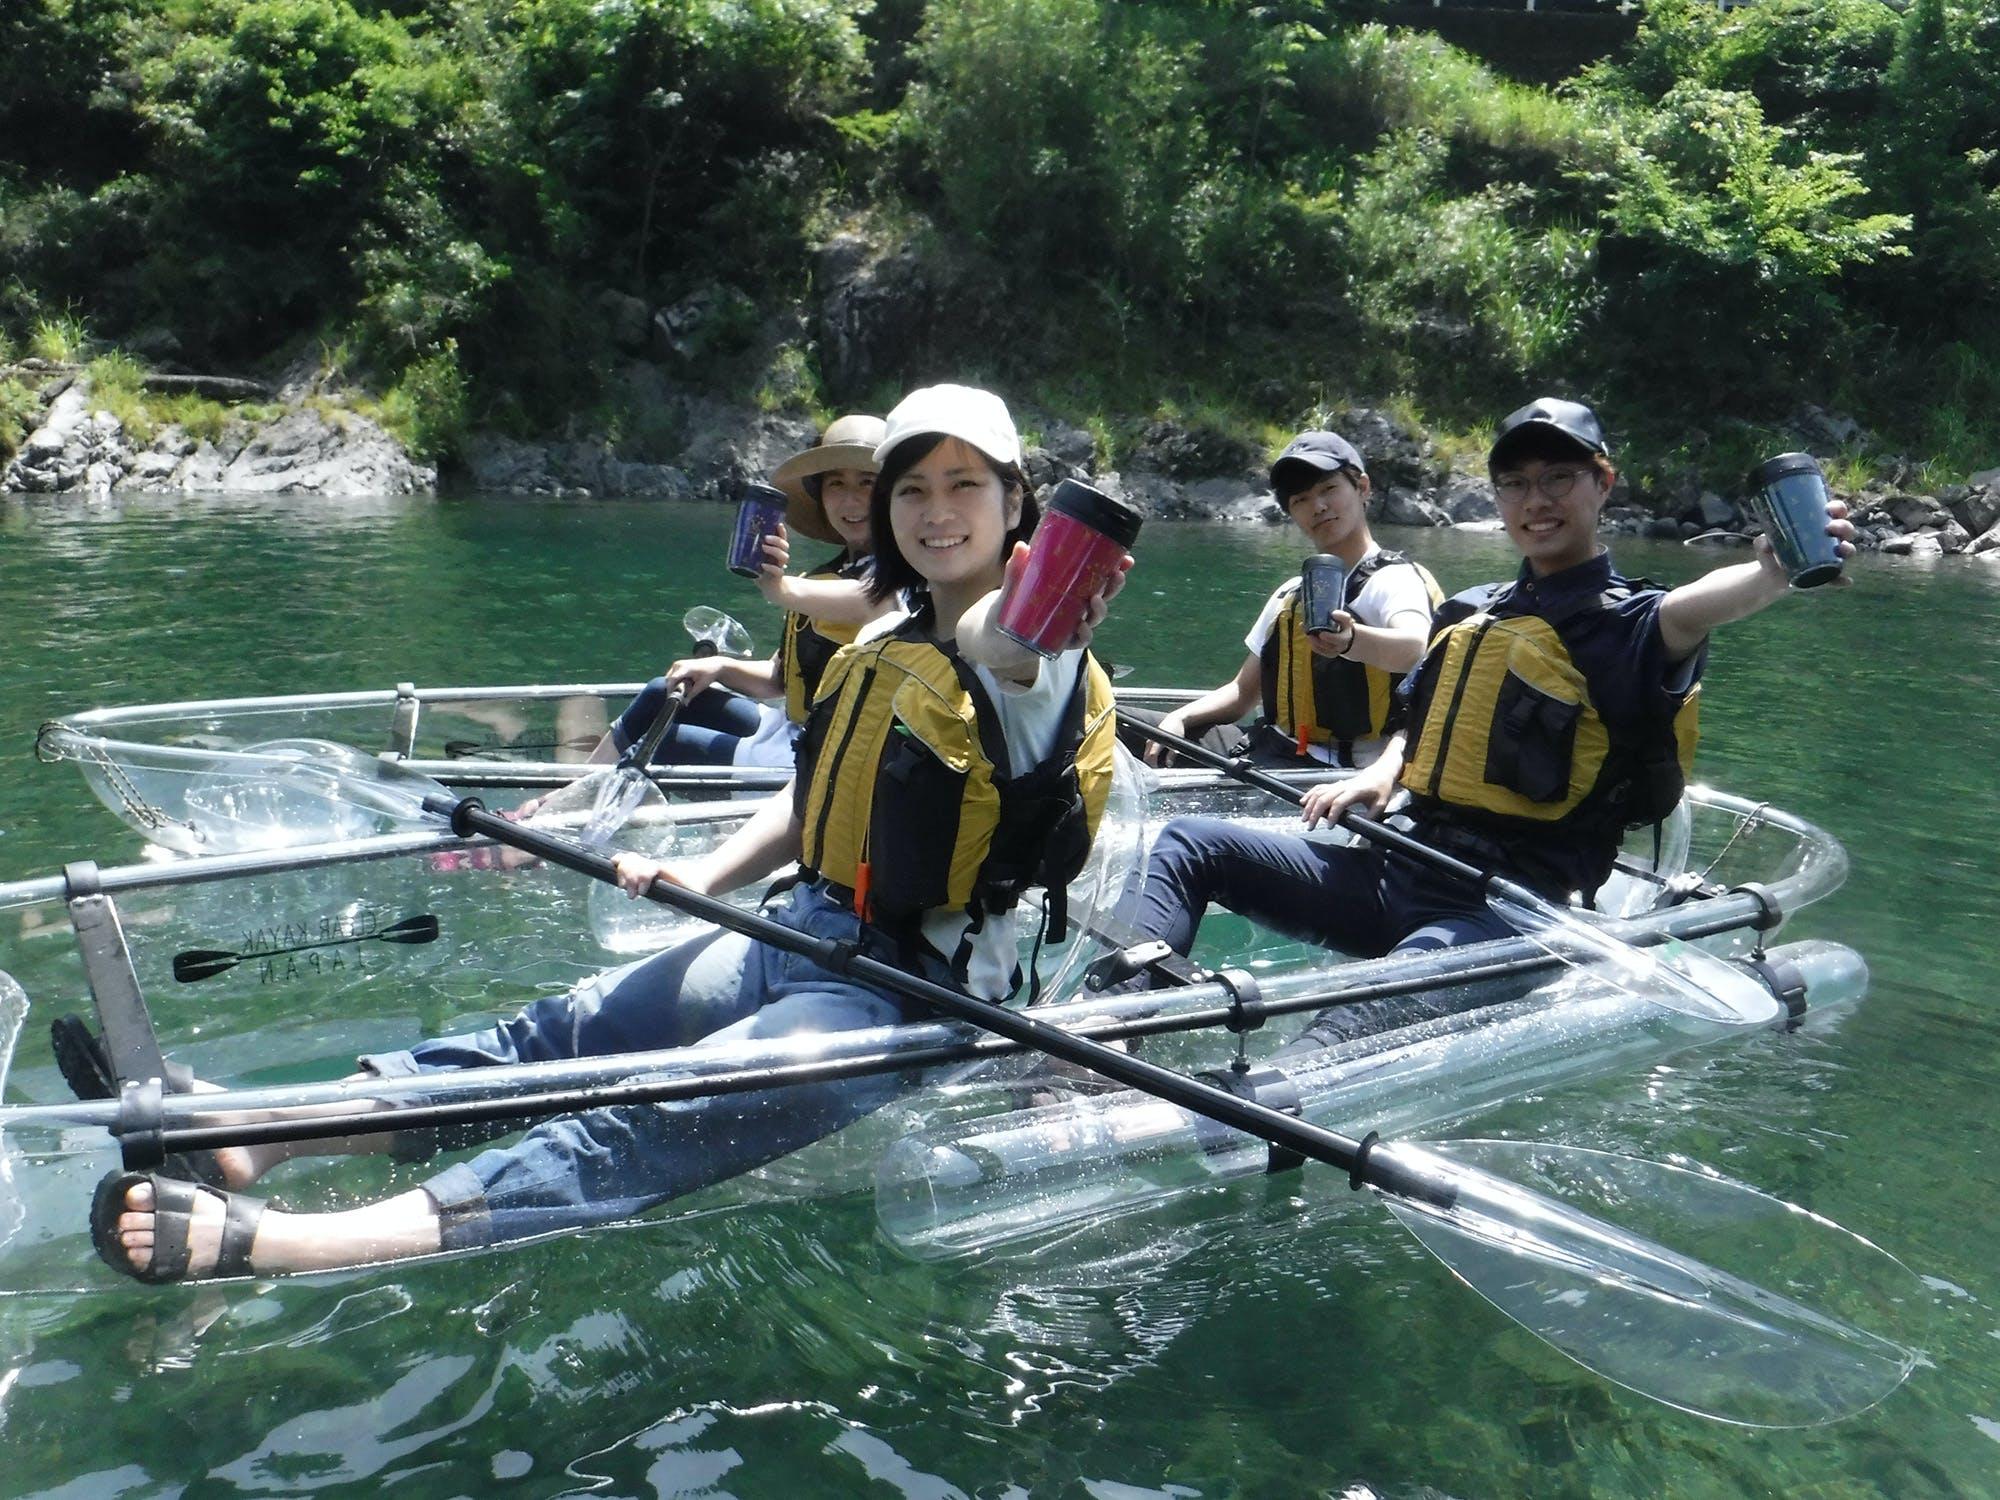 家族旅行におすすめ!川の畔で水遊びを楽しめる宿5選